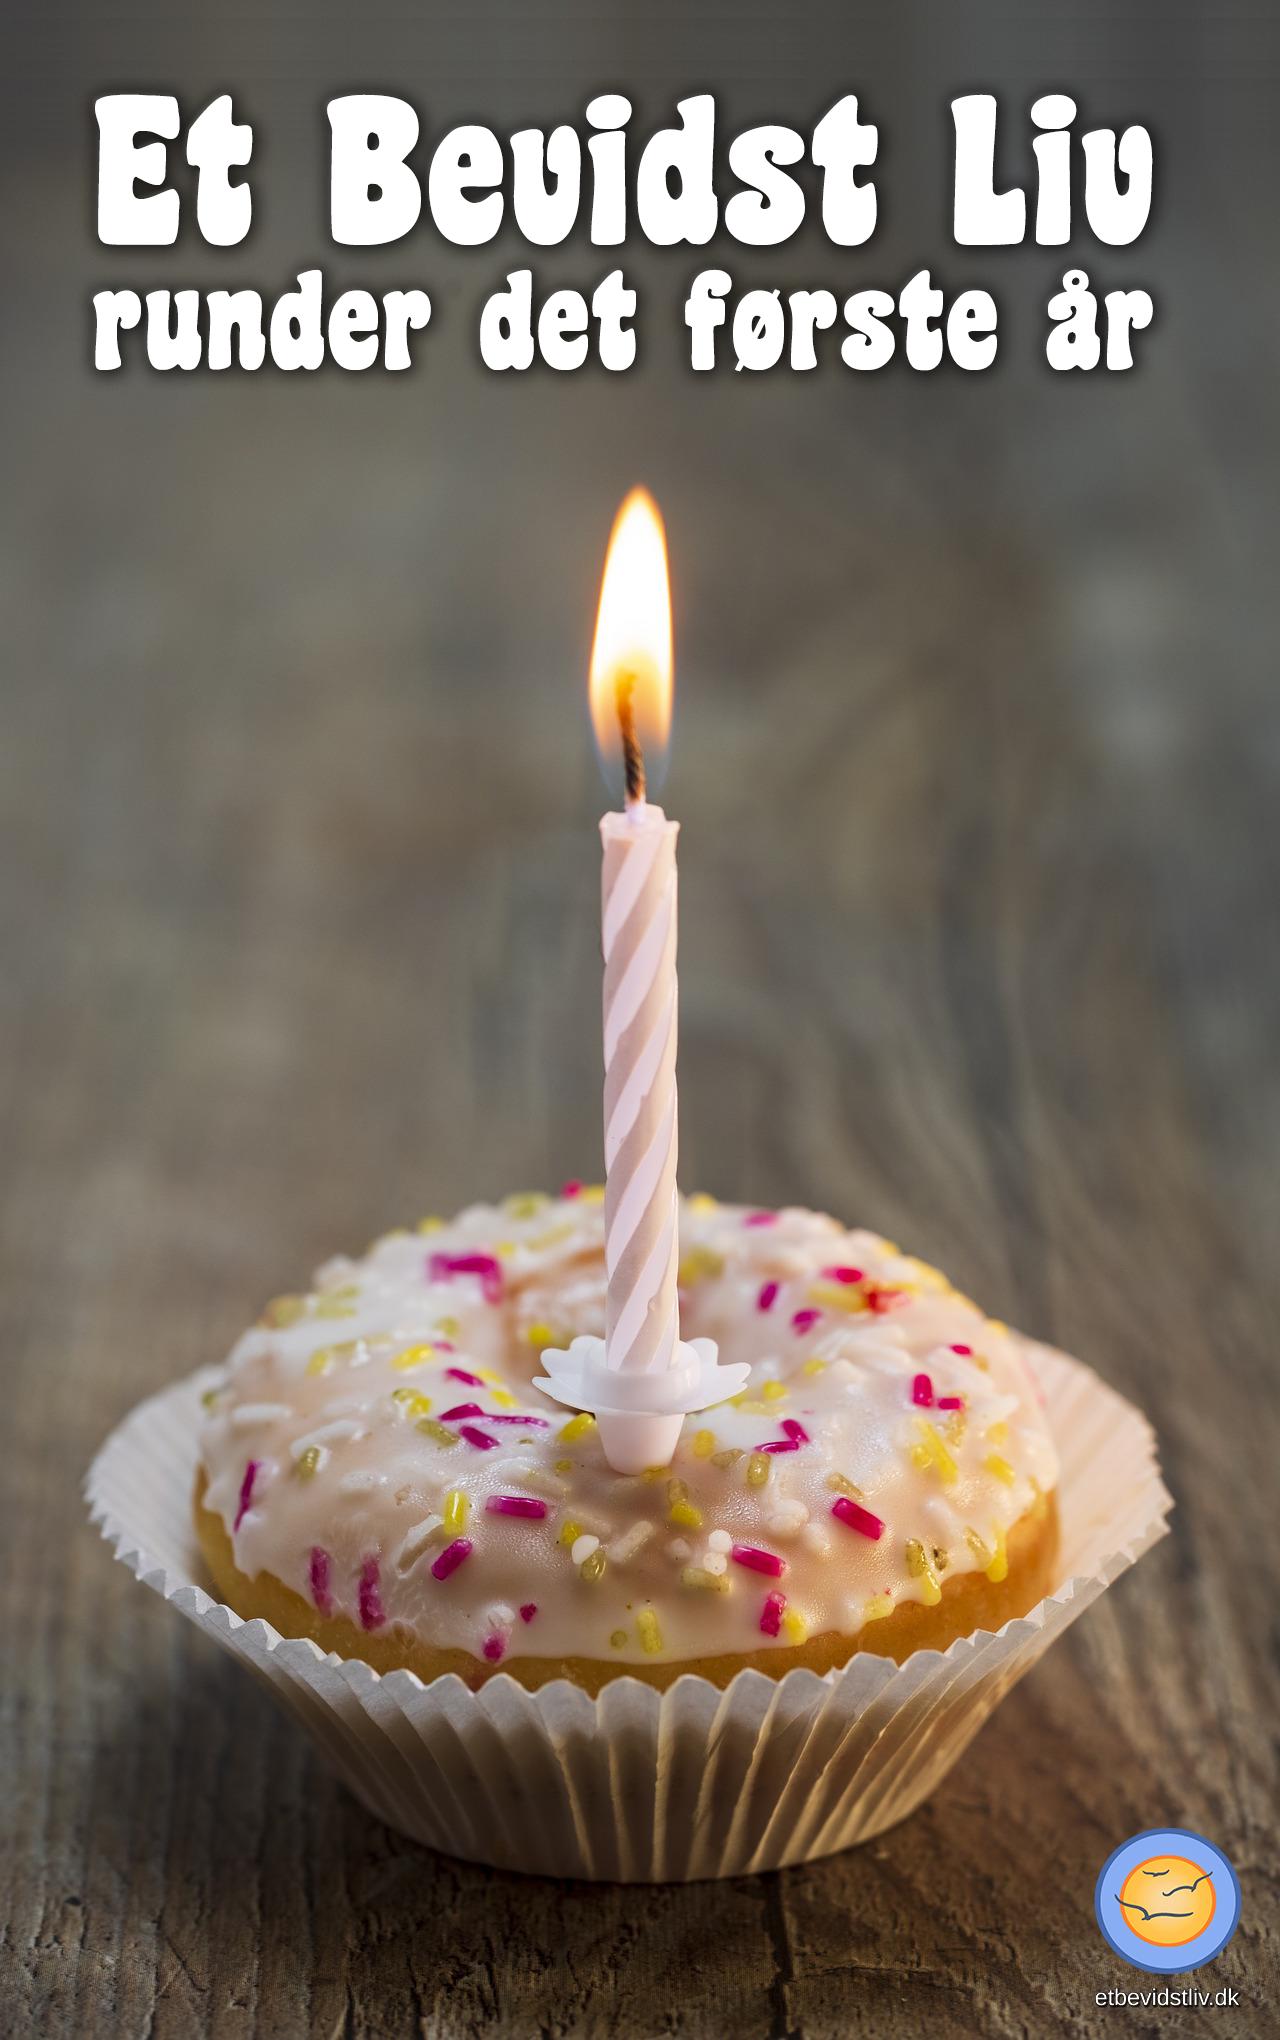 Et Bevidst Livs fødselsdag. En kage med et lys i.